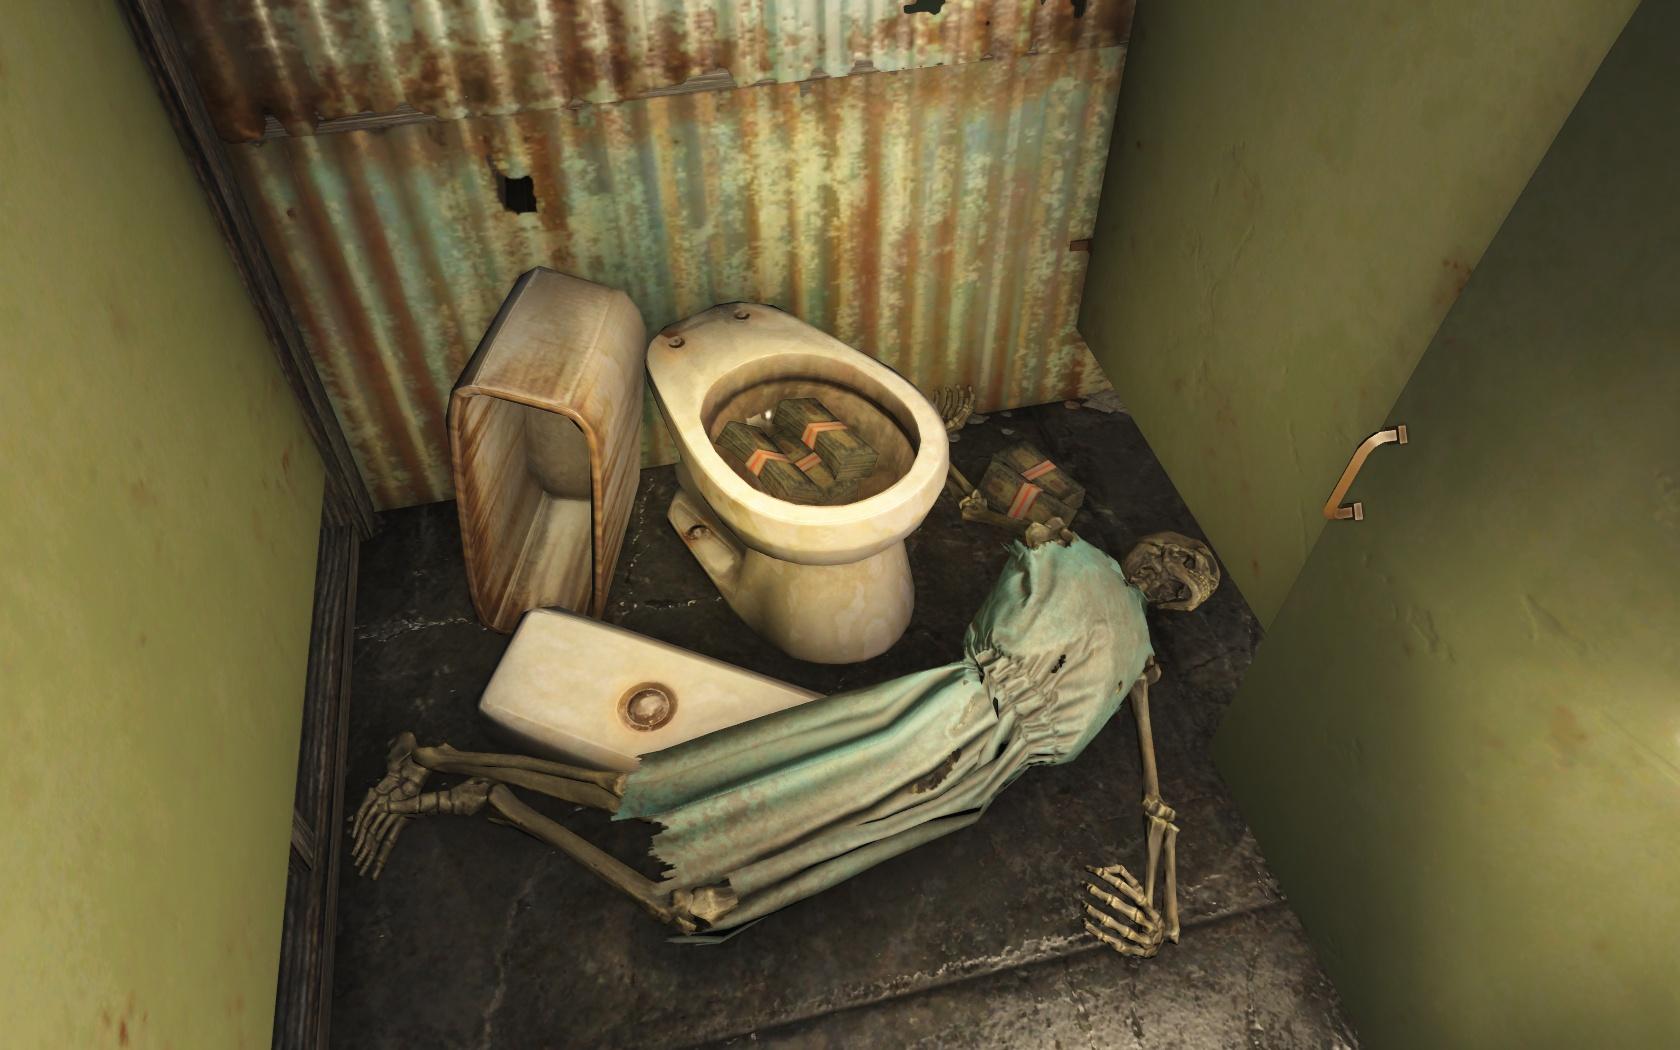 Оптимальное место для заначки (севернее Сомервилл-Плейс) - Fallout 4 скелет, Сомервилл-Плейс